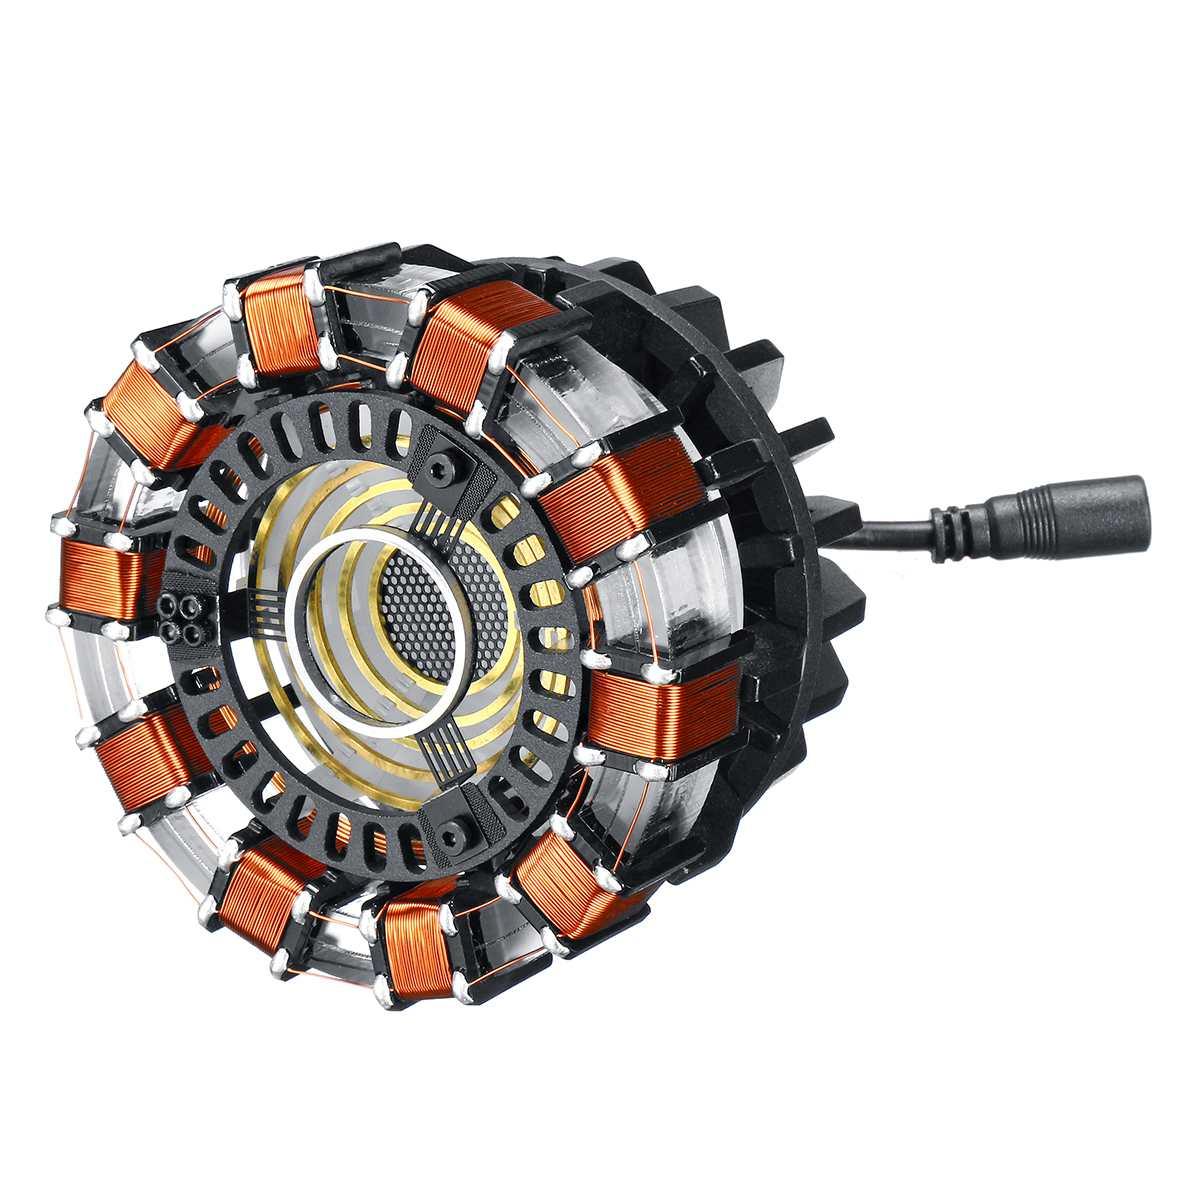 1:1 échelle Arc réacteur Action Figure lumière à distance Arc MK1 bricolage pièces modèle assemblé jouets lampe de poitrine en alliage d'aluminium Led